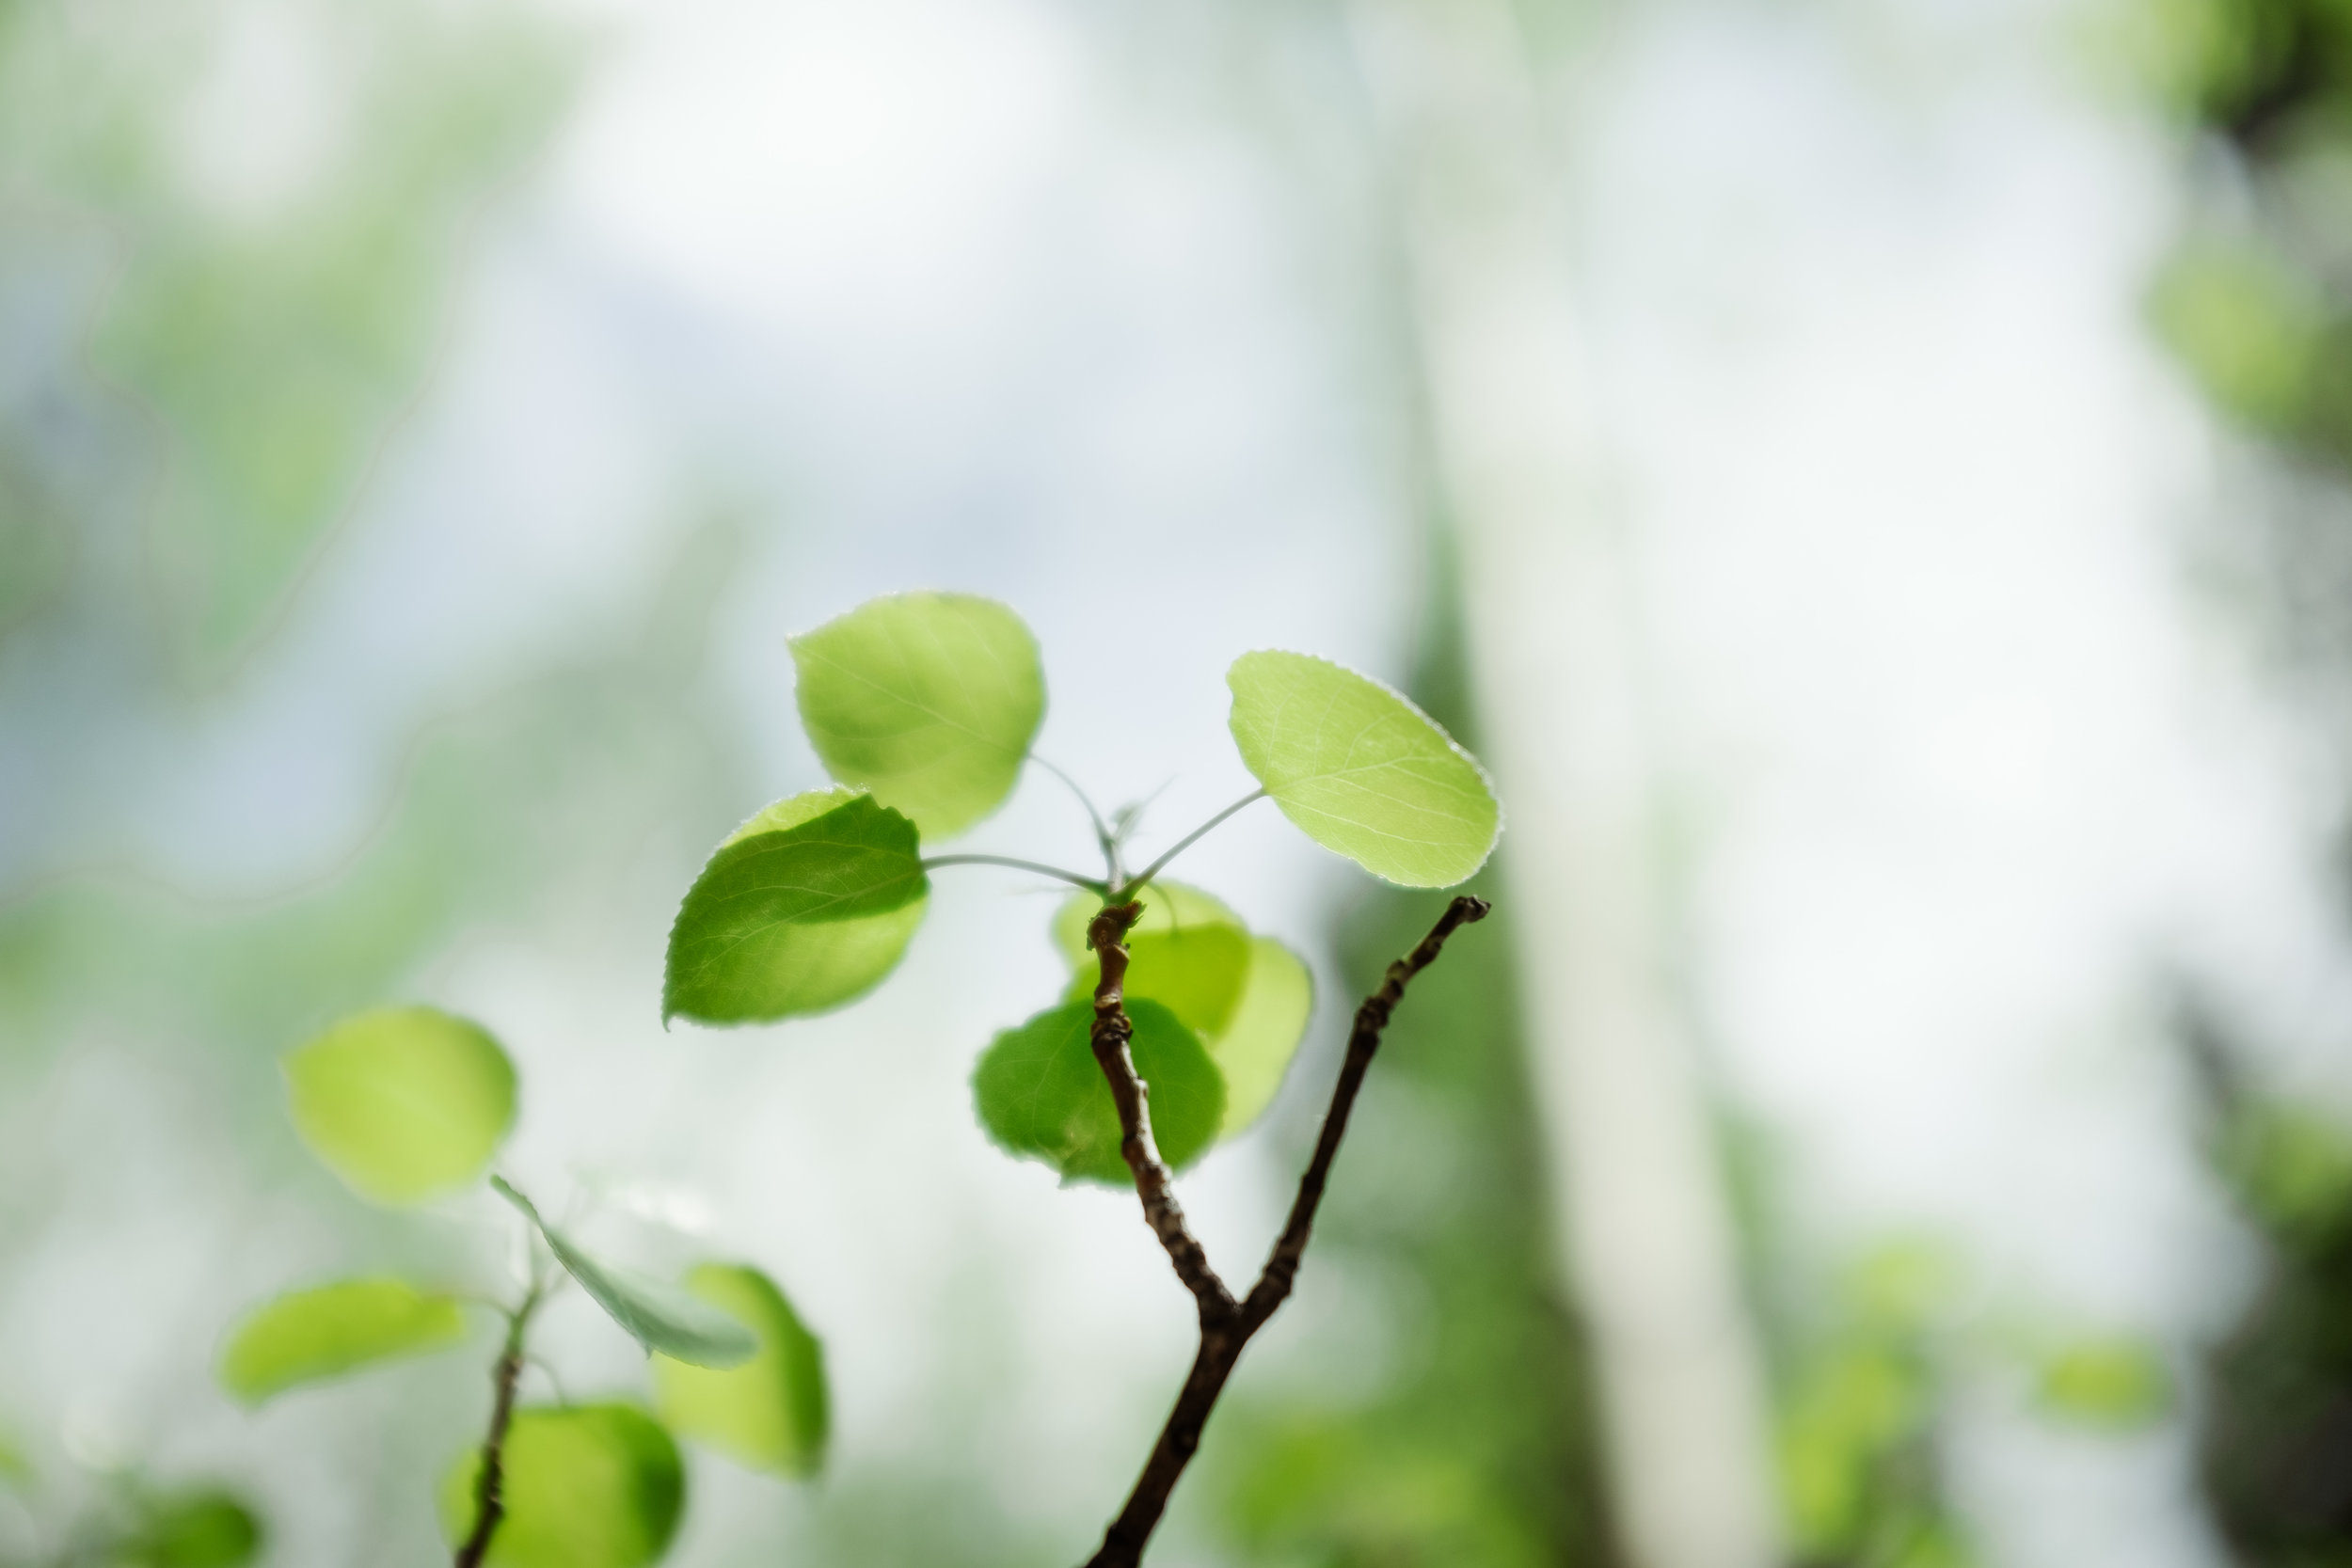 Green aspens leaves